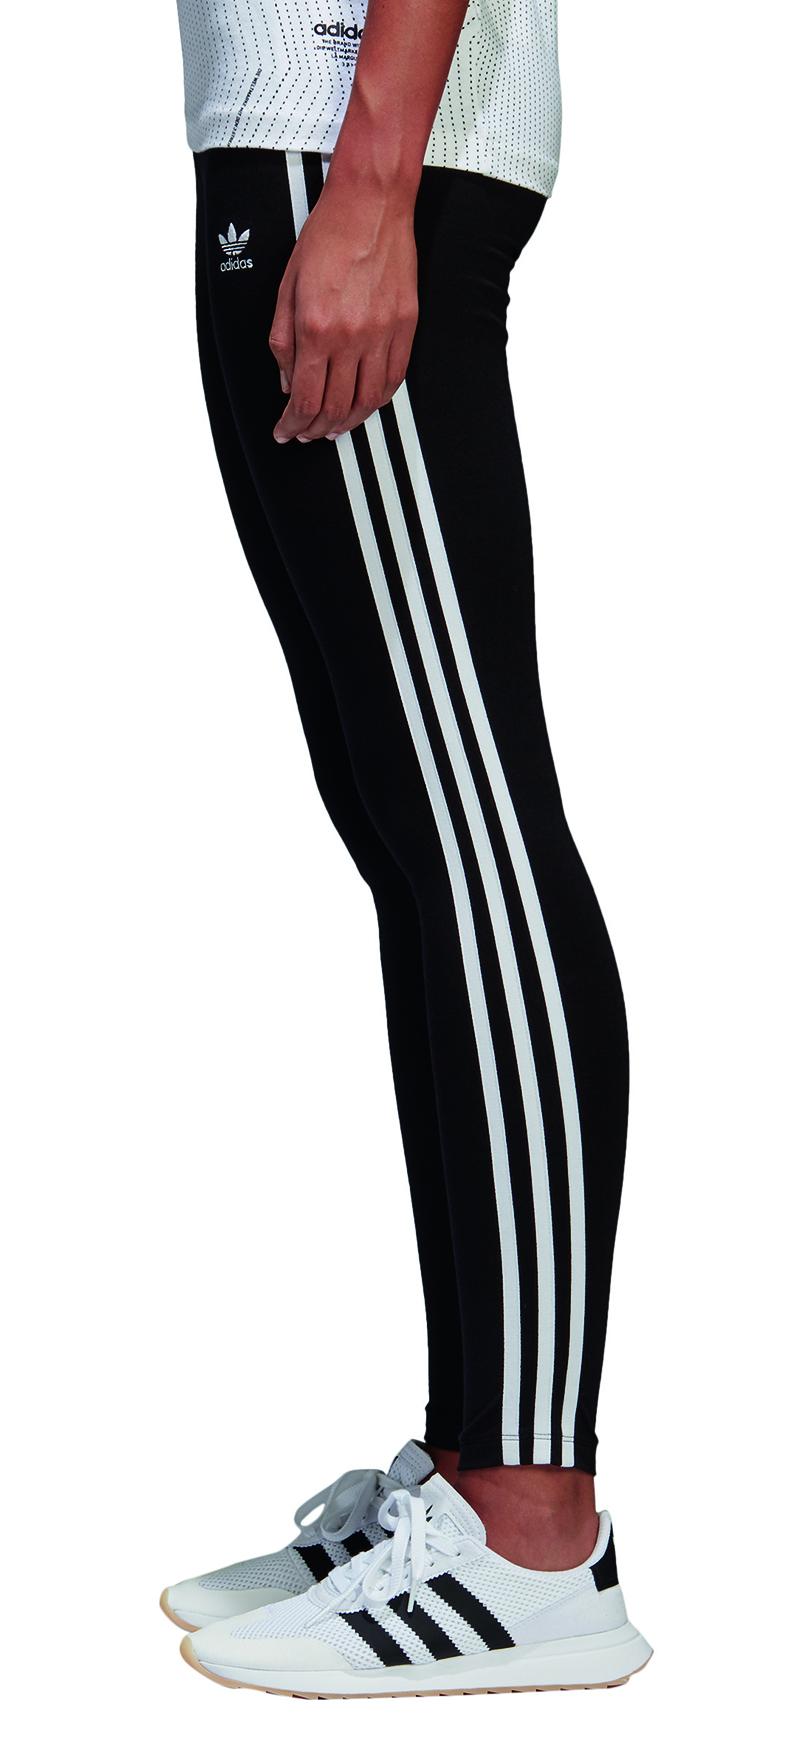 adidas Originals By Rita Ora Rainbow Print Legging Urban